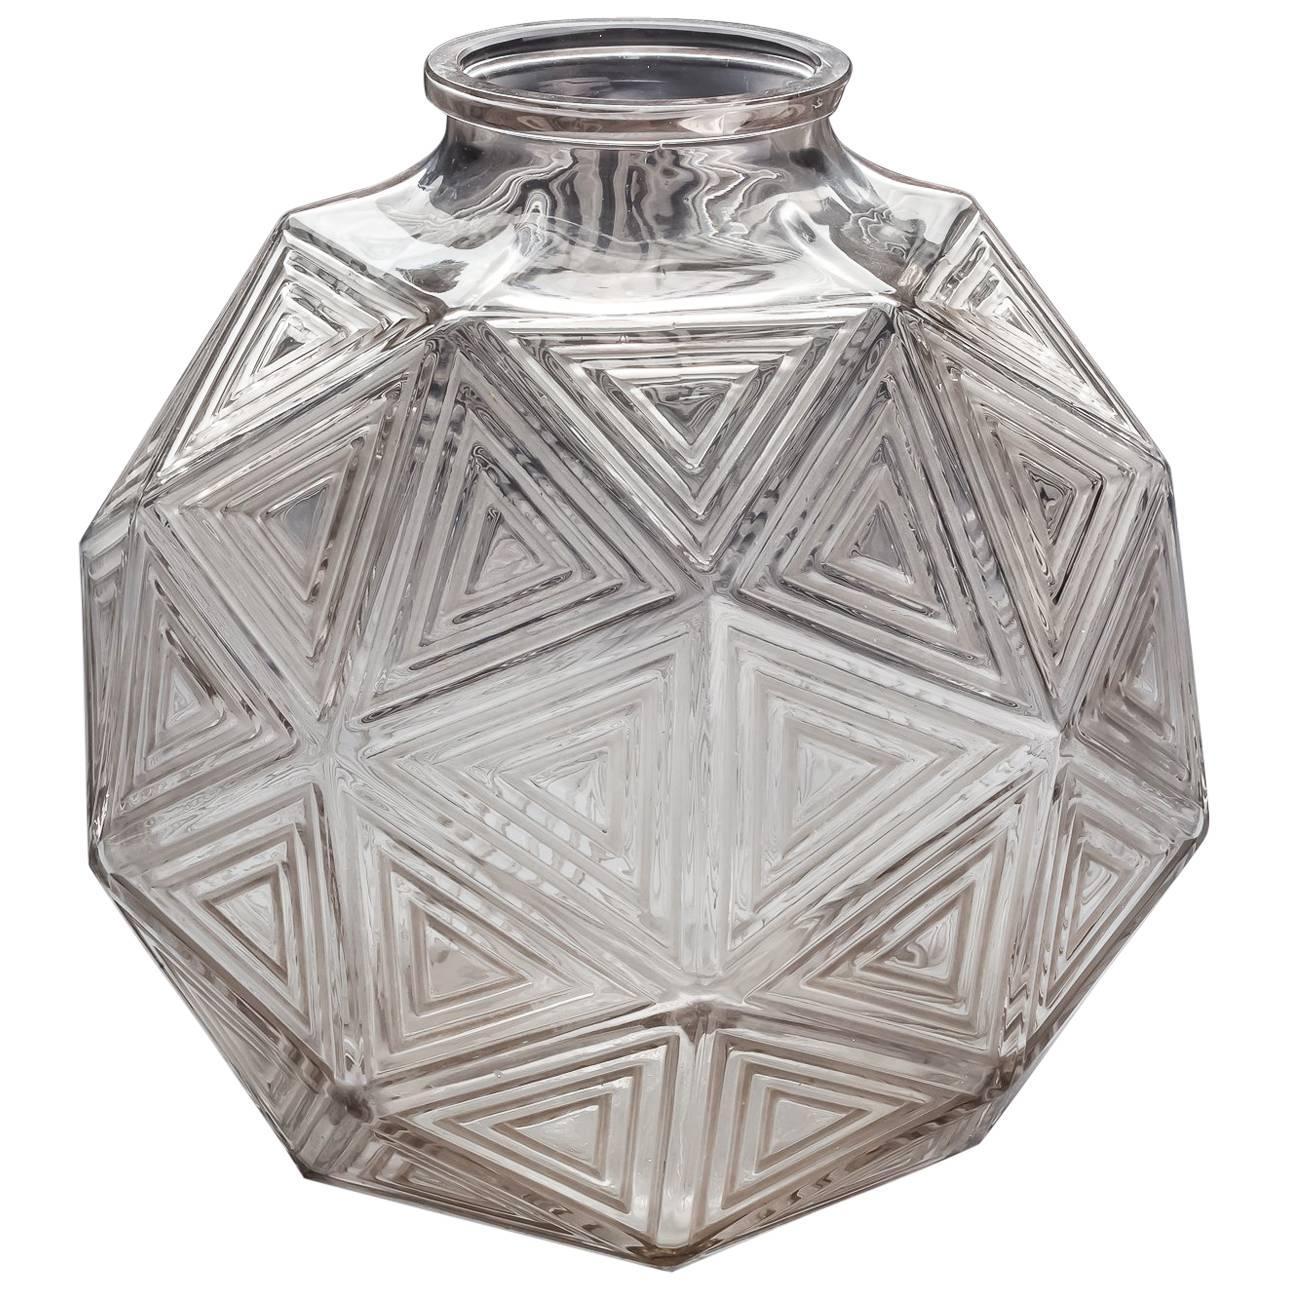 Art Deco Glass Vase by Rene Lalique